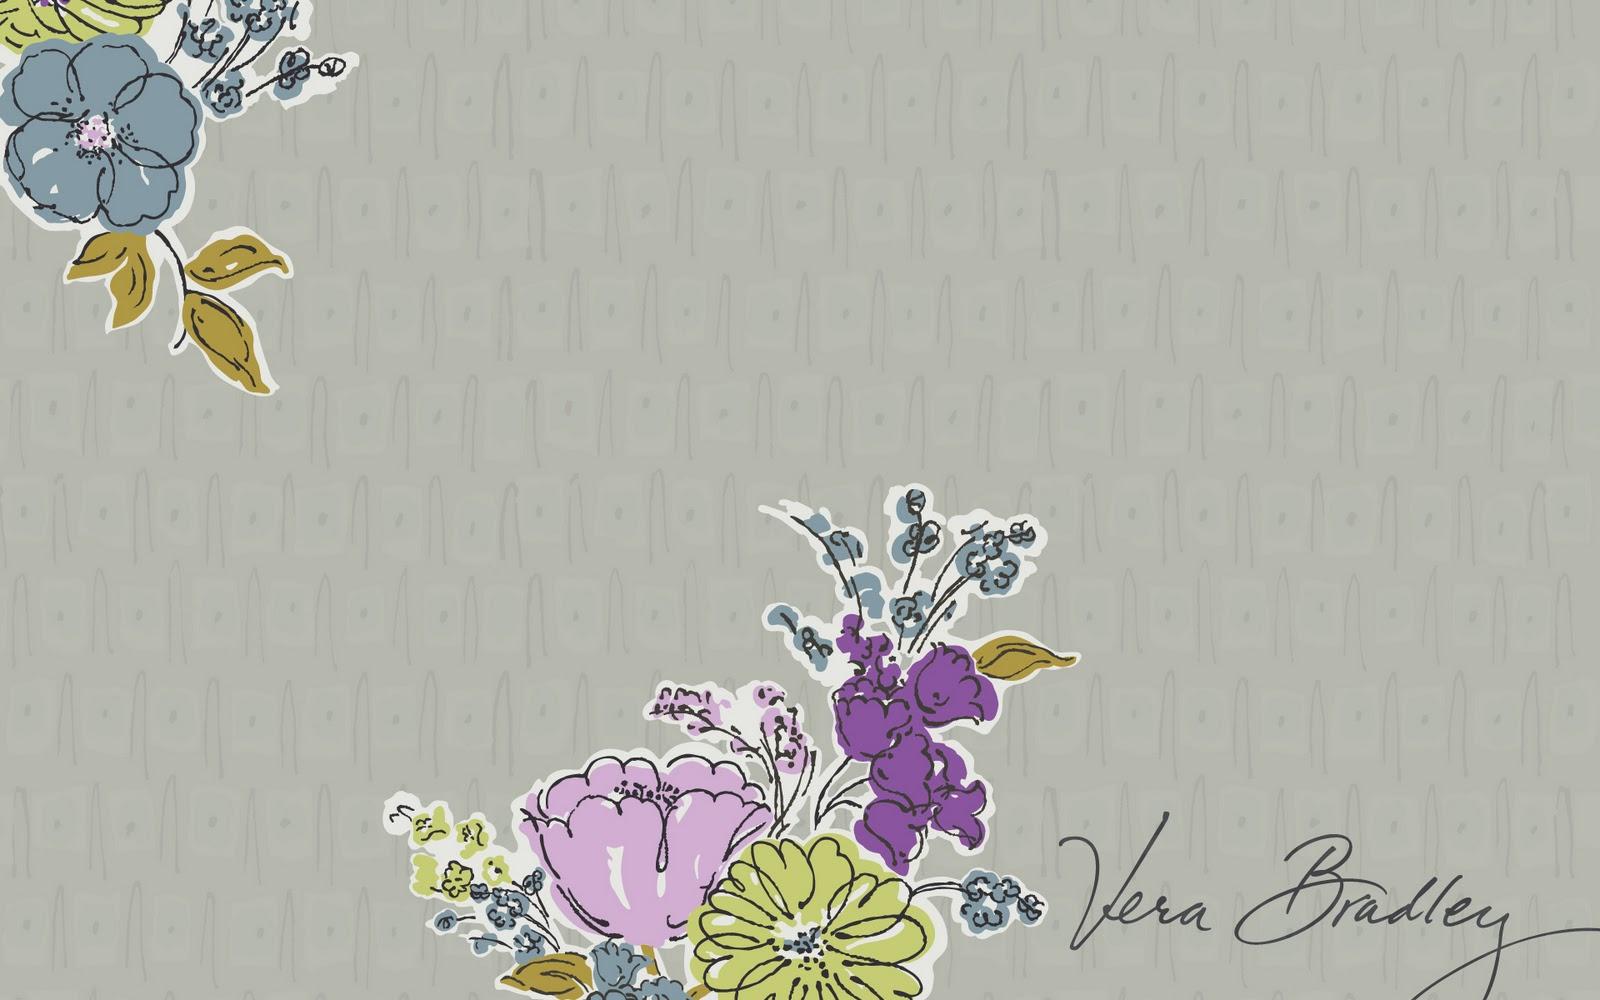 http://4.bp.blogspot.com/-EodKWUuXqq0/Tyg5TjOCEfI/AAAAAAAAARQ/Jw4fiH-s-Rw/s1600/desktop_vb-m11-watercolor-1900x1200.jpg